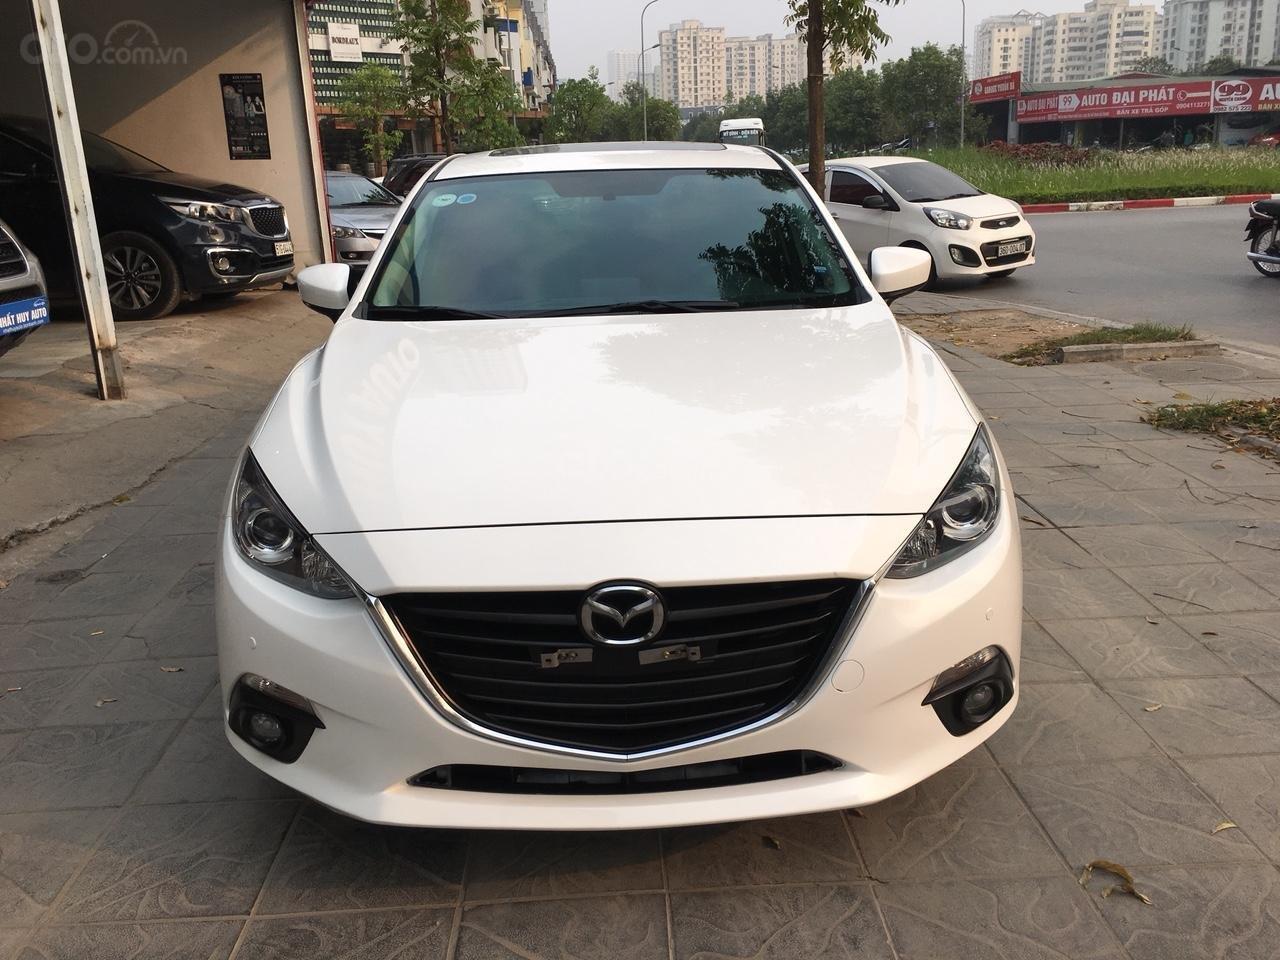 Cần bán xe Mazda 3 1.5 AT năm sản xuất 2017, màu trắng giá cạnh tranh-1